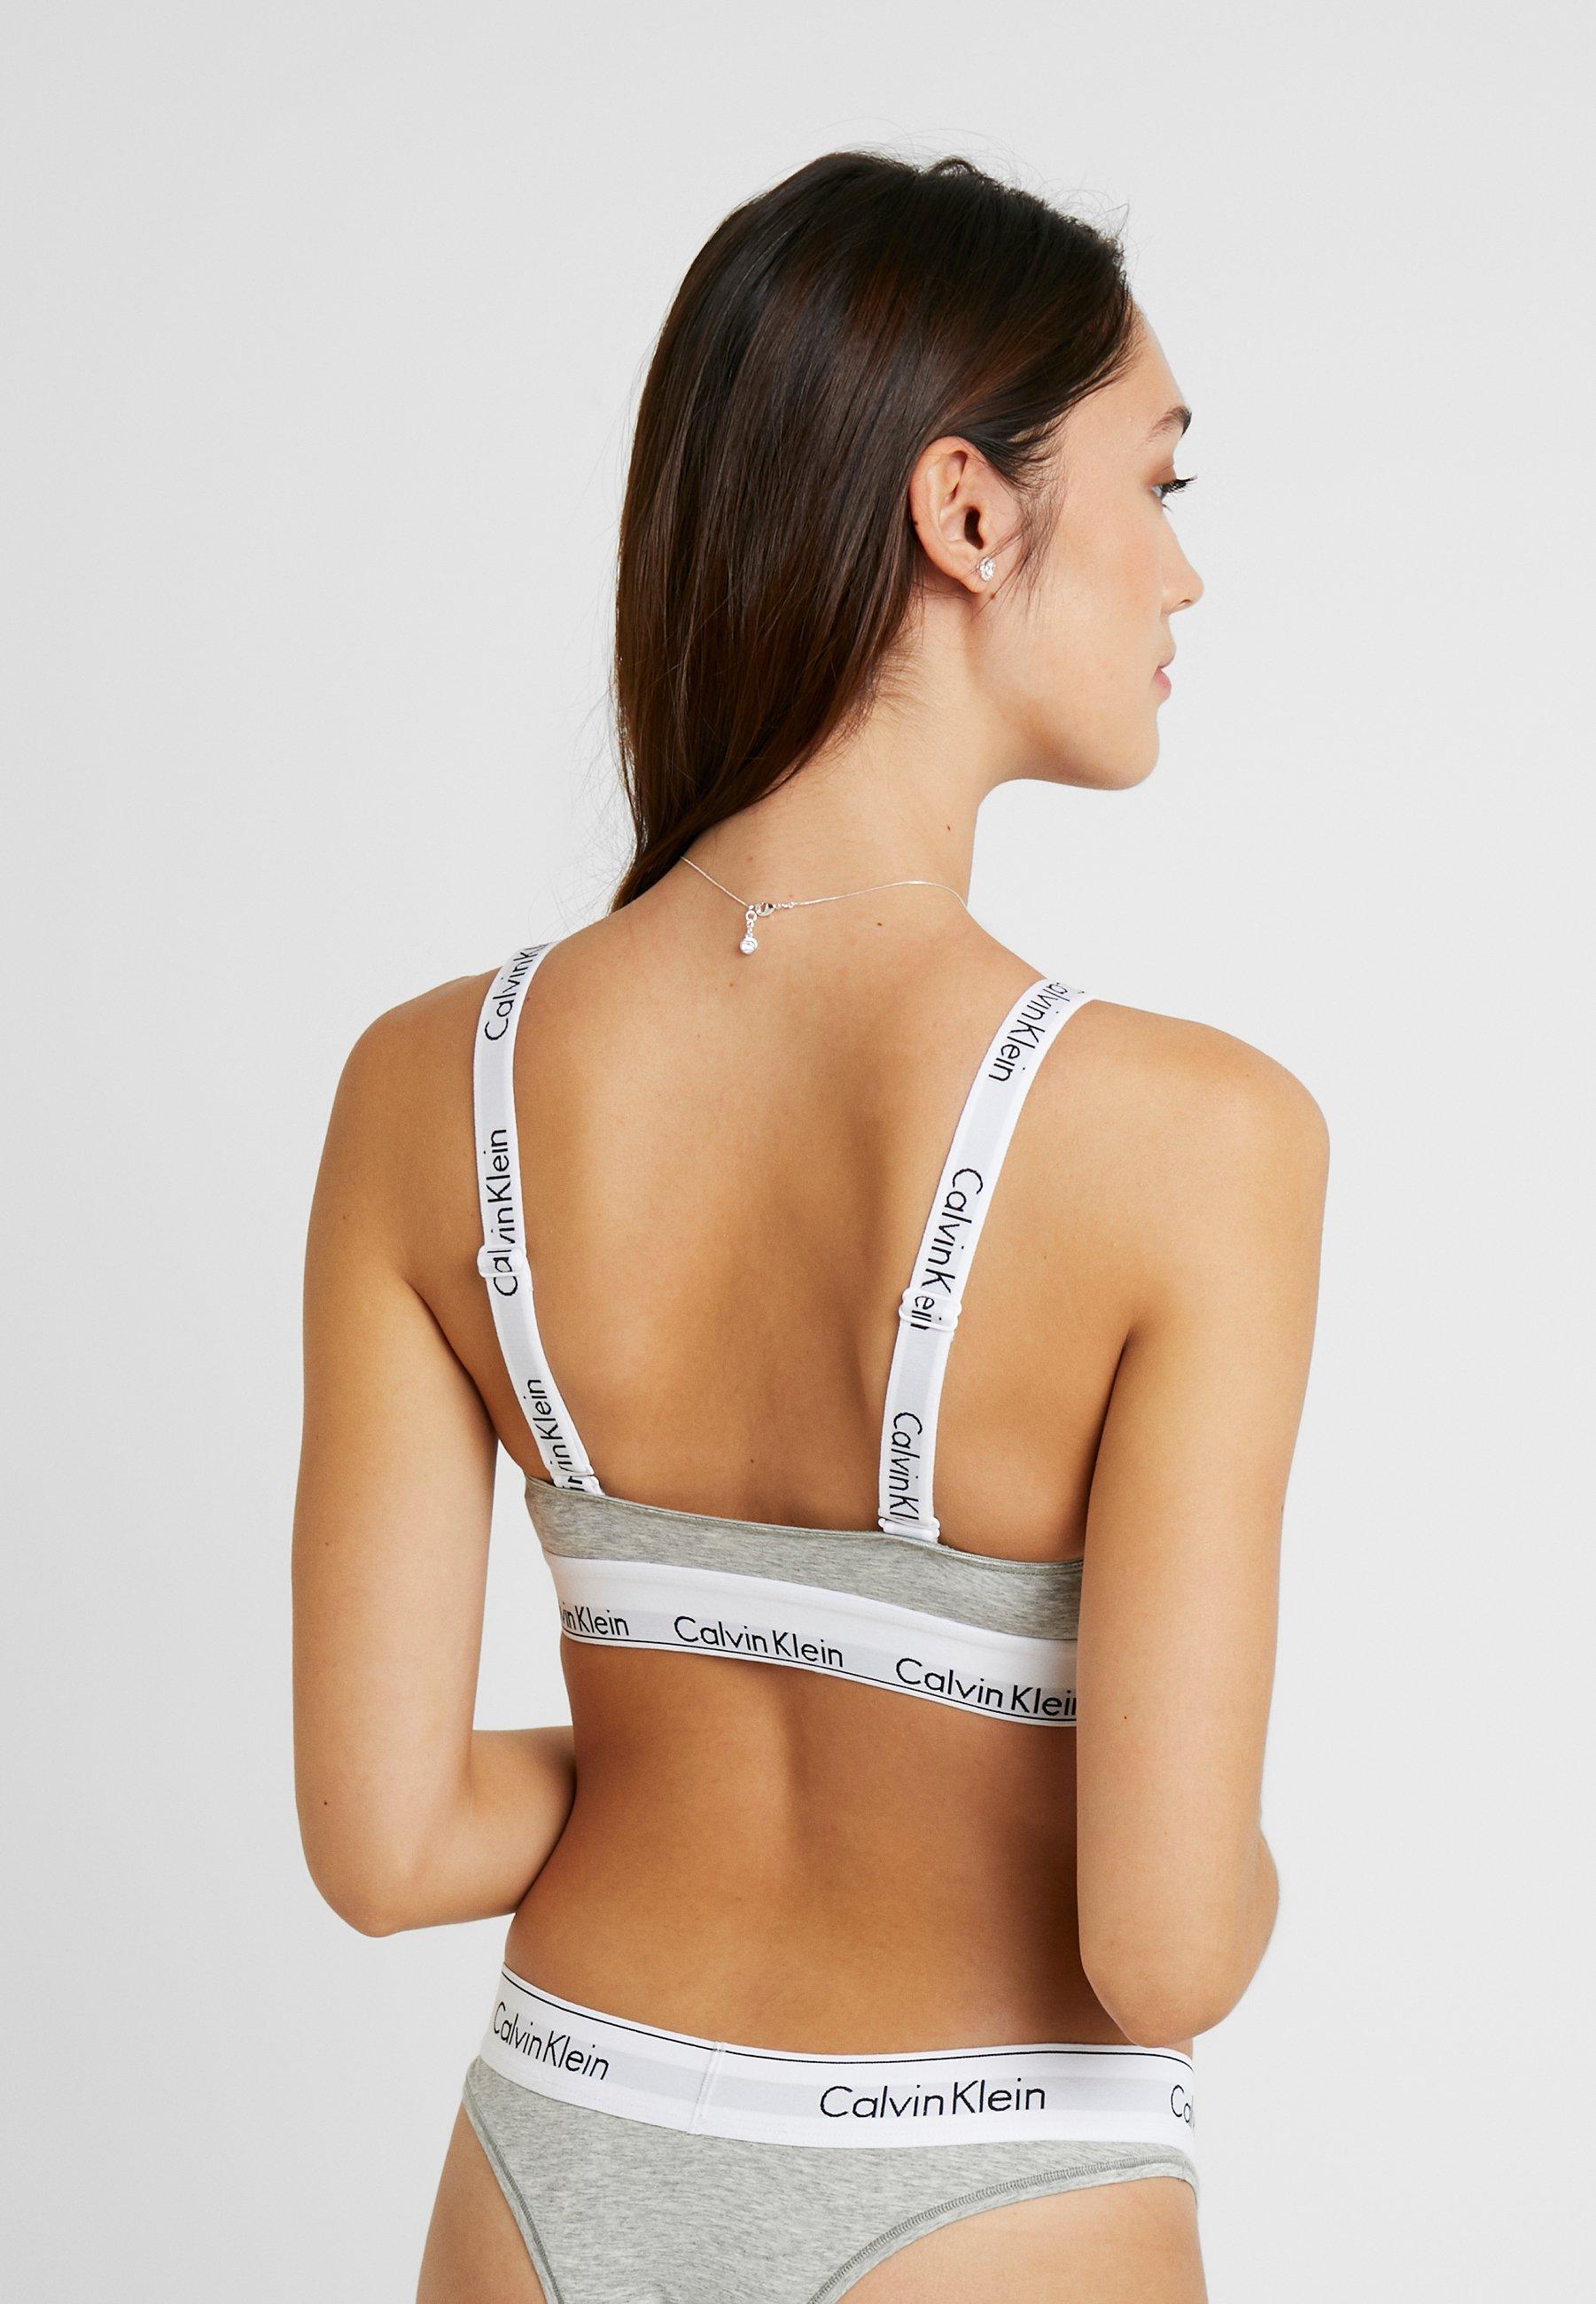 Calvin Klein Underwear Modern Branded Strap Triangle - Soutien-gorge Heather Grey